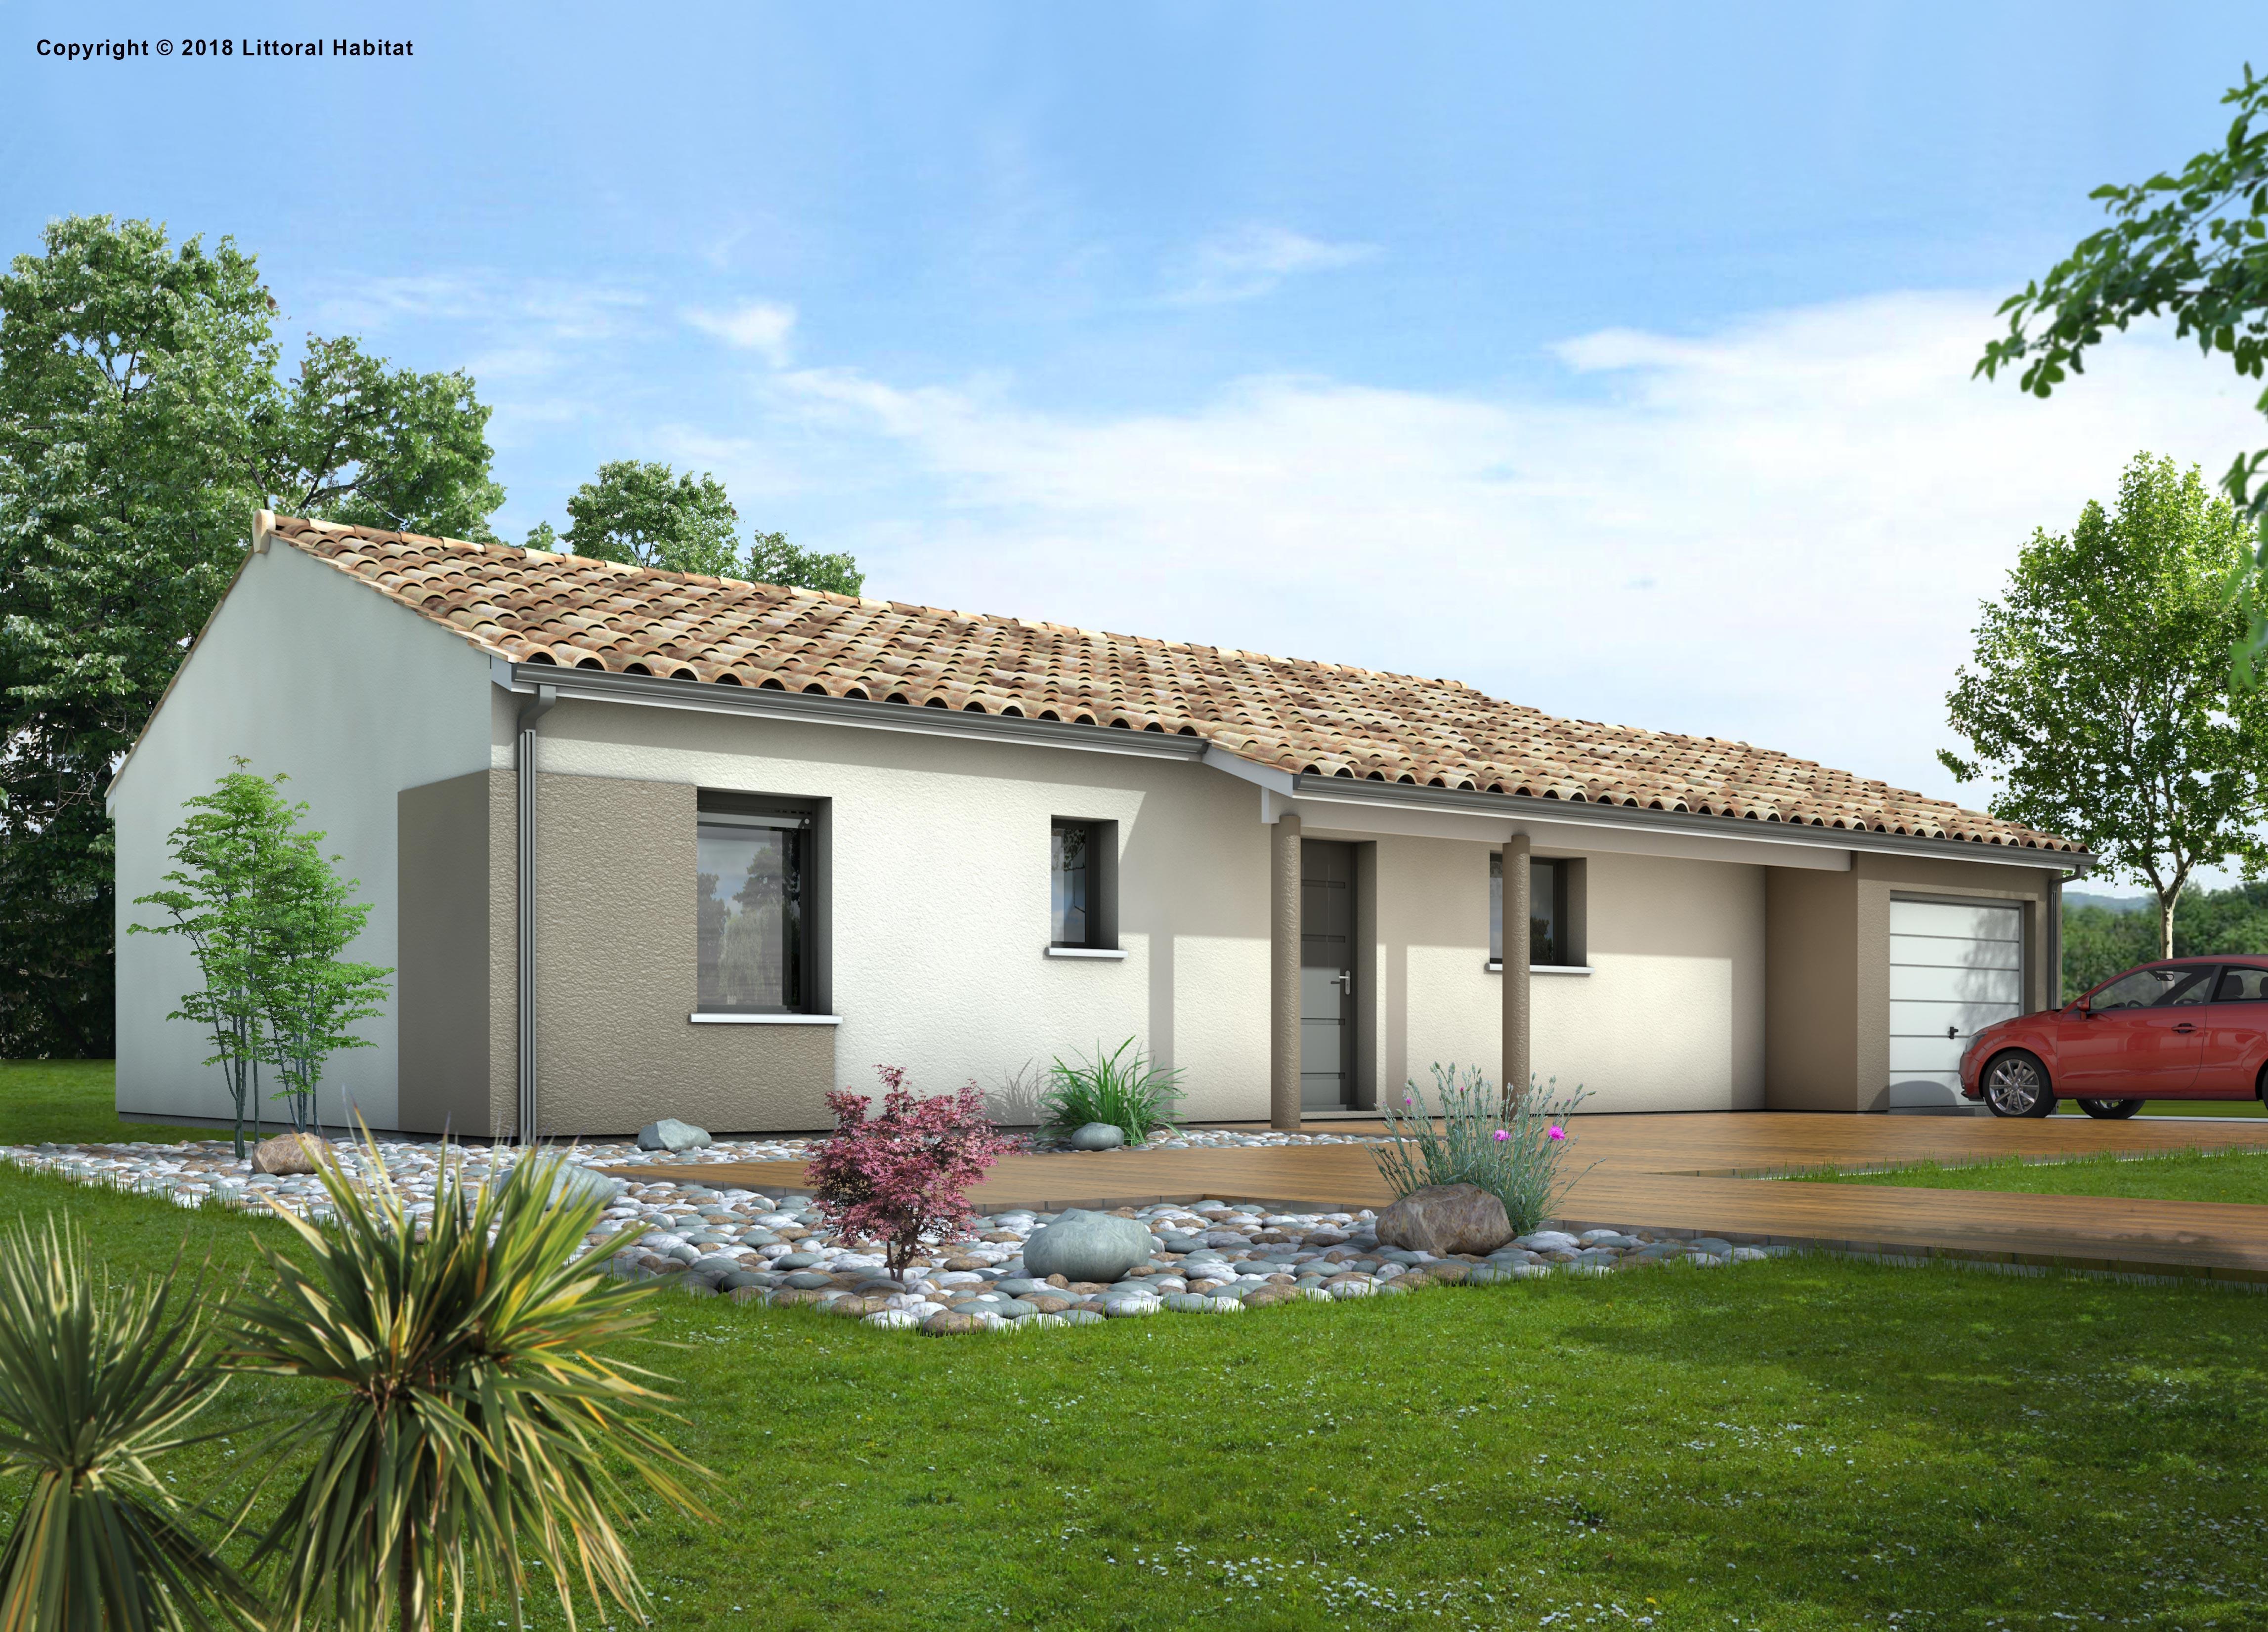 Maisons + Terrains du constructeur LITTORAL HABITAT DAX • 80 m² • SAINT MARTIN DE HINX